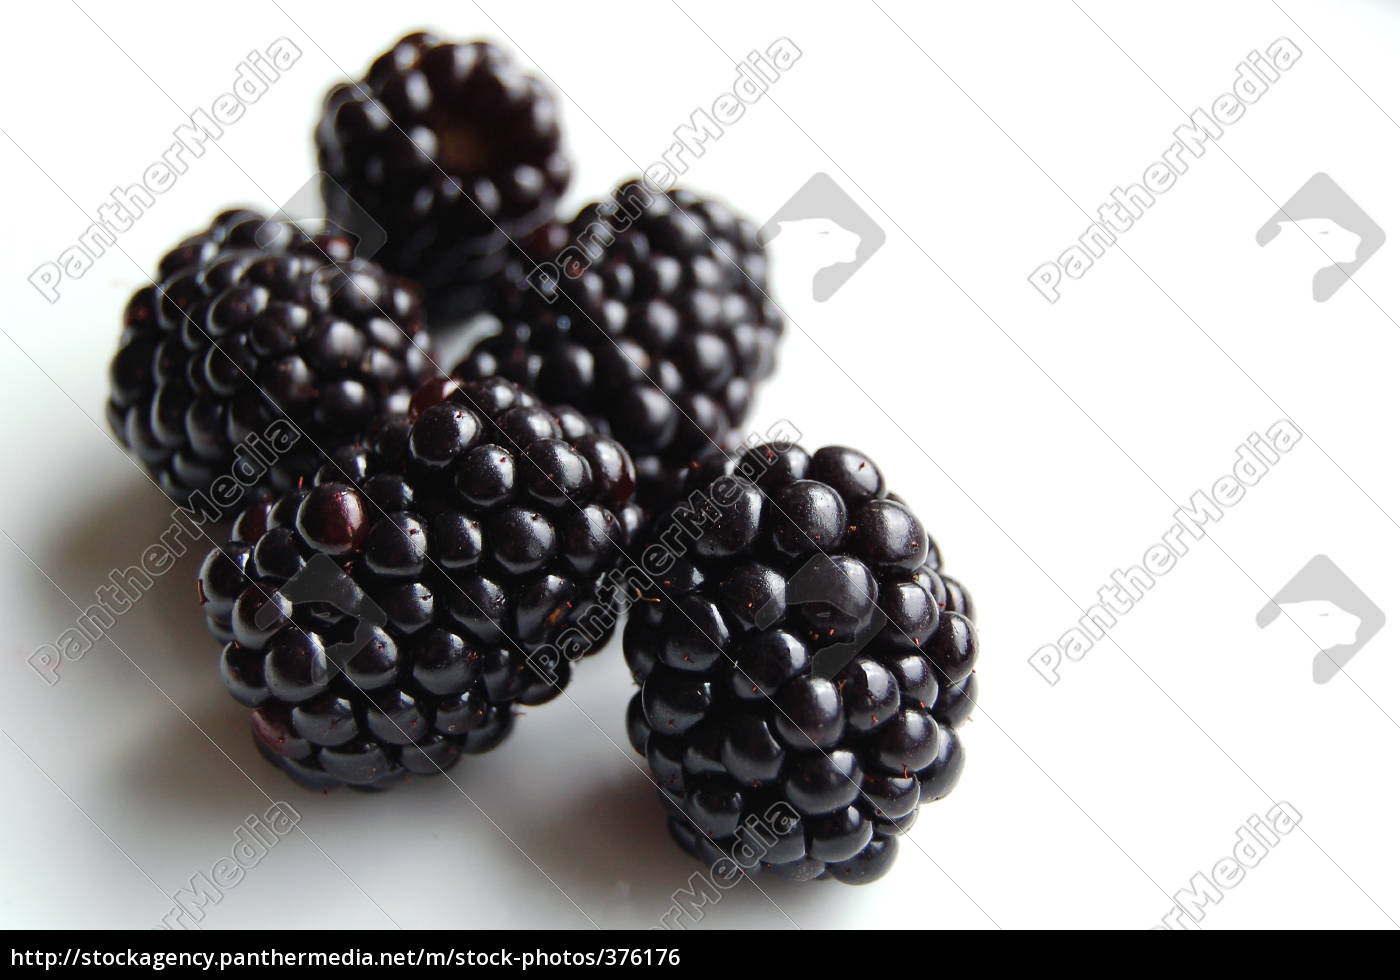 a, few, blackberries - 376176